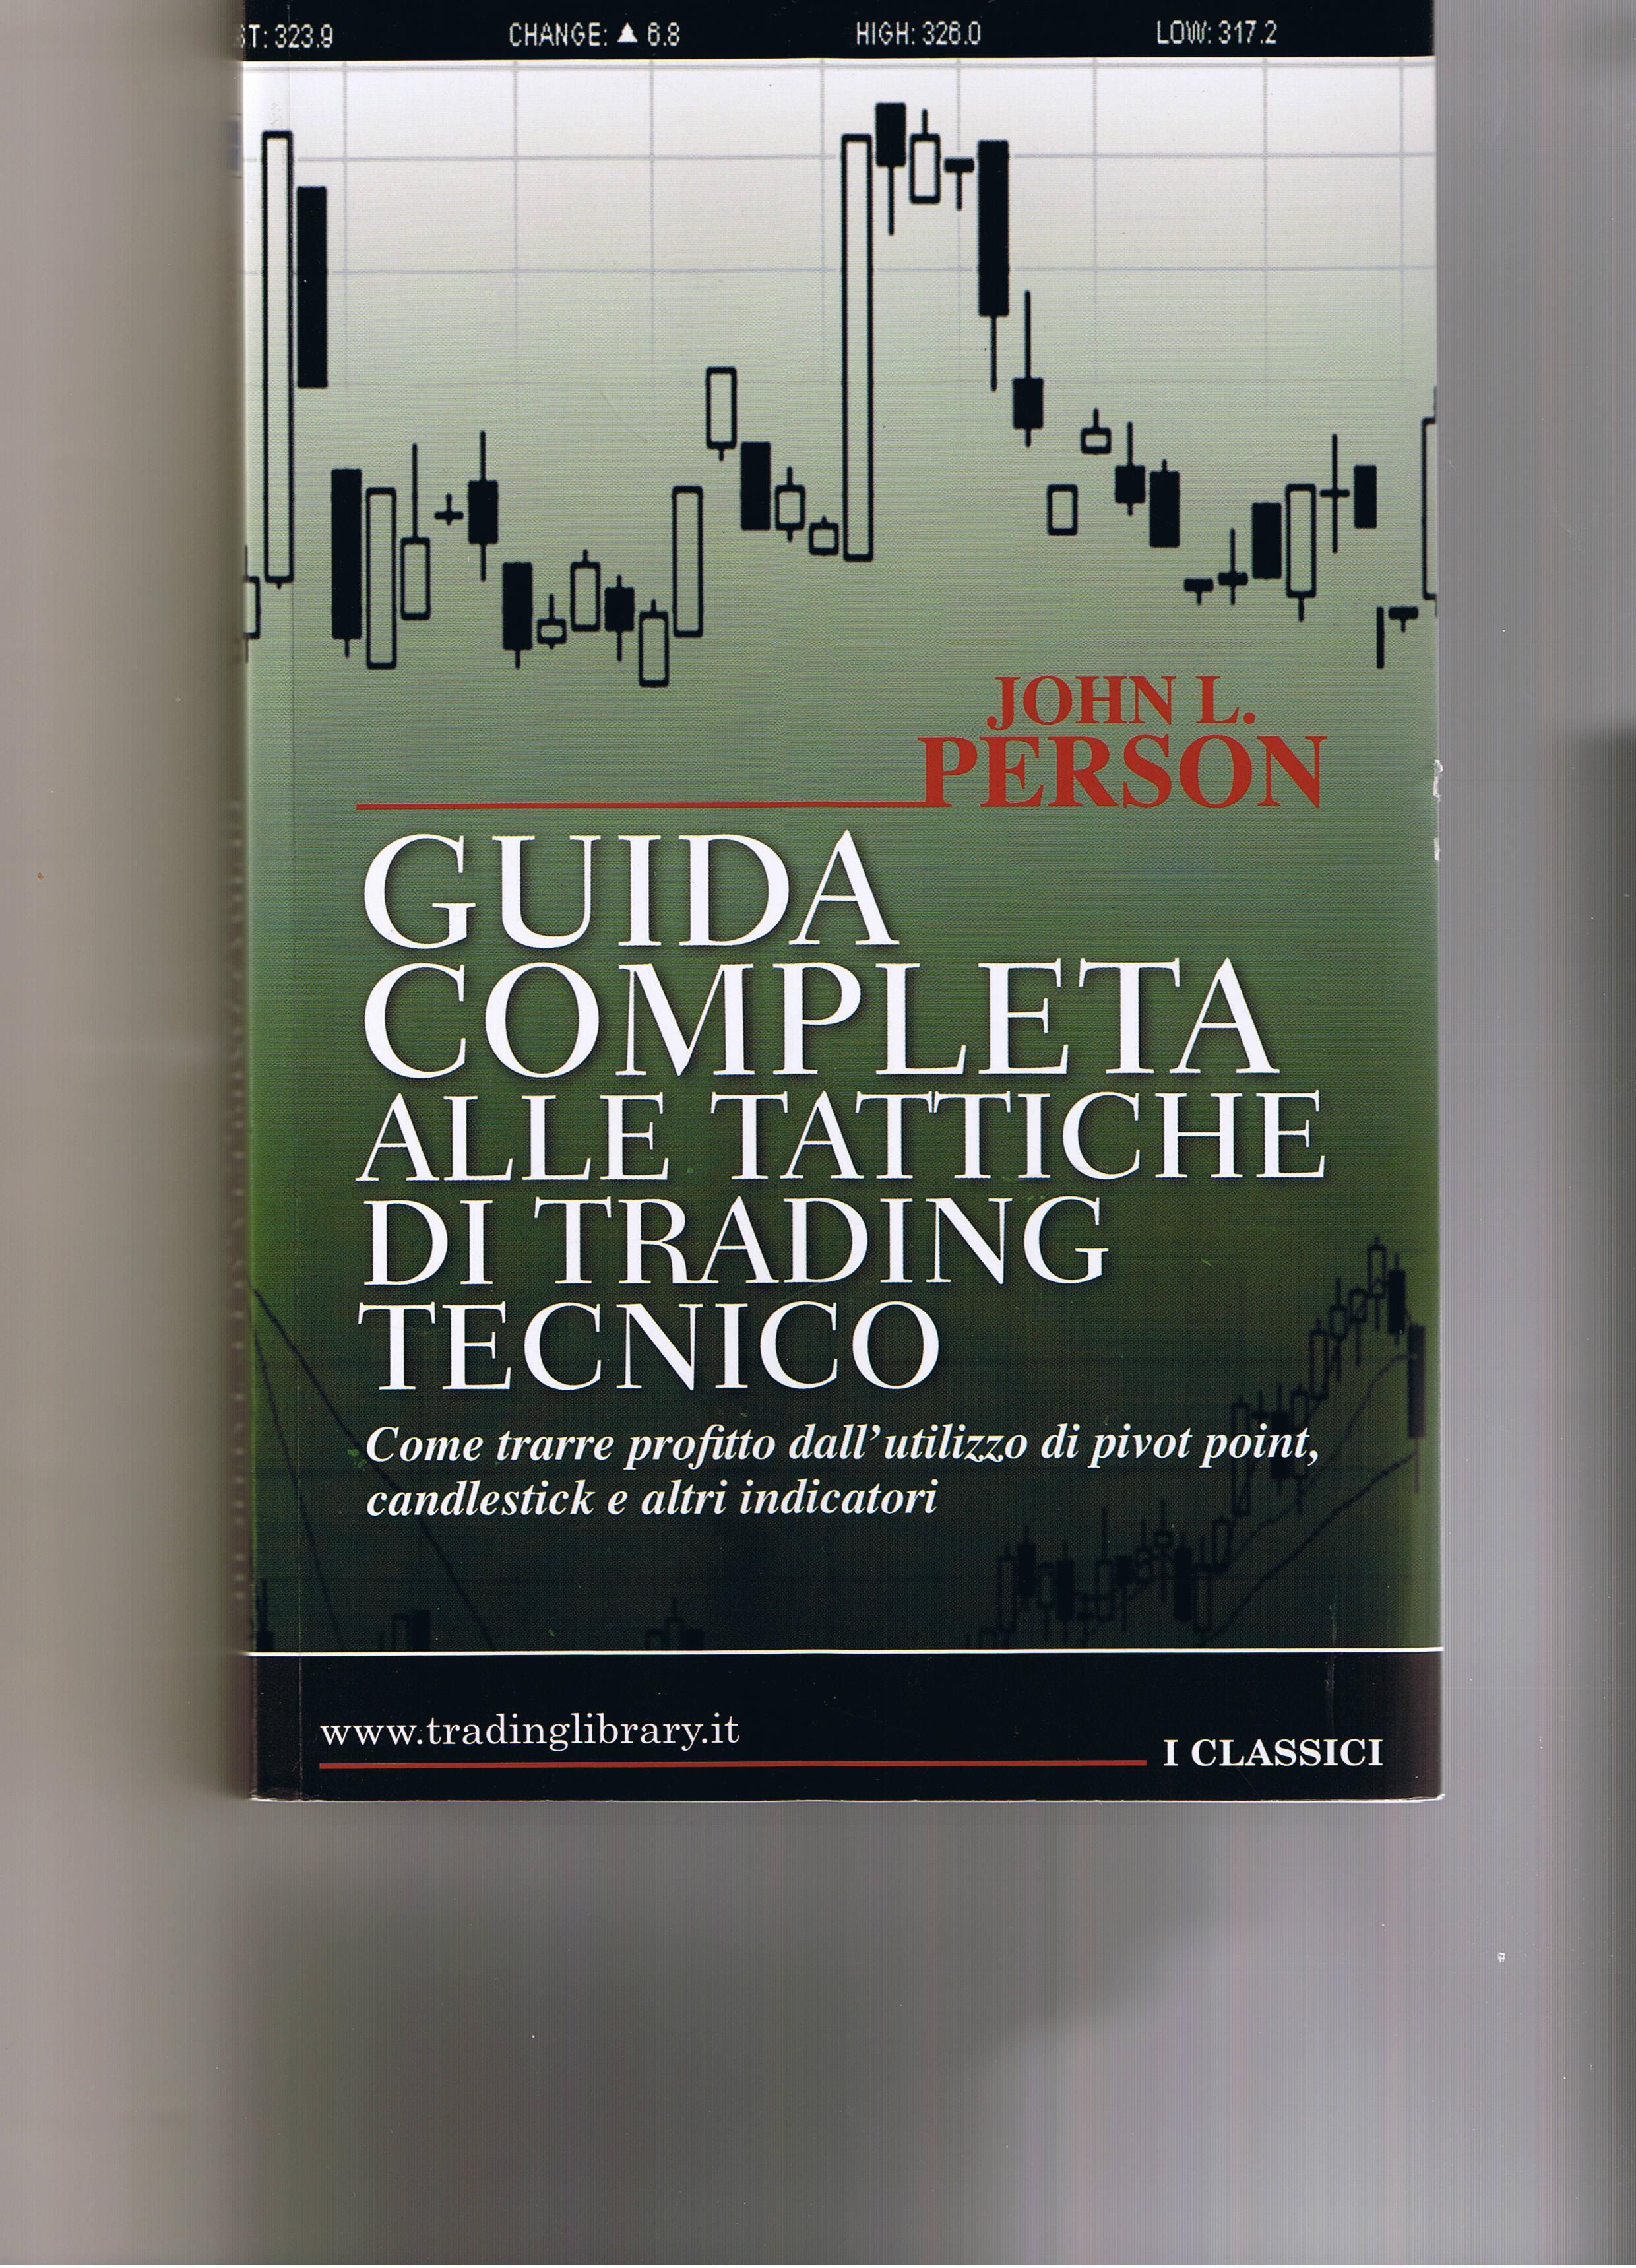 Guida completa alle tattiche di trading tecnico